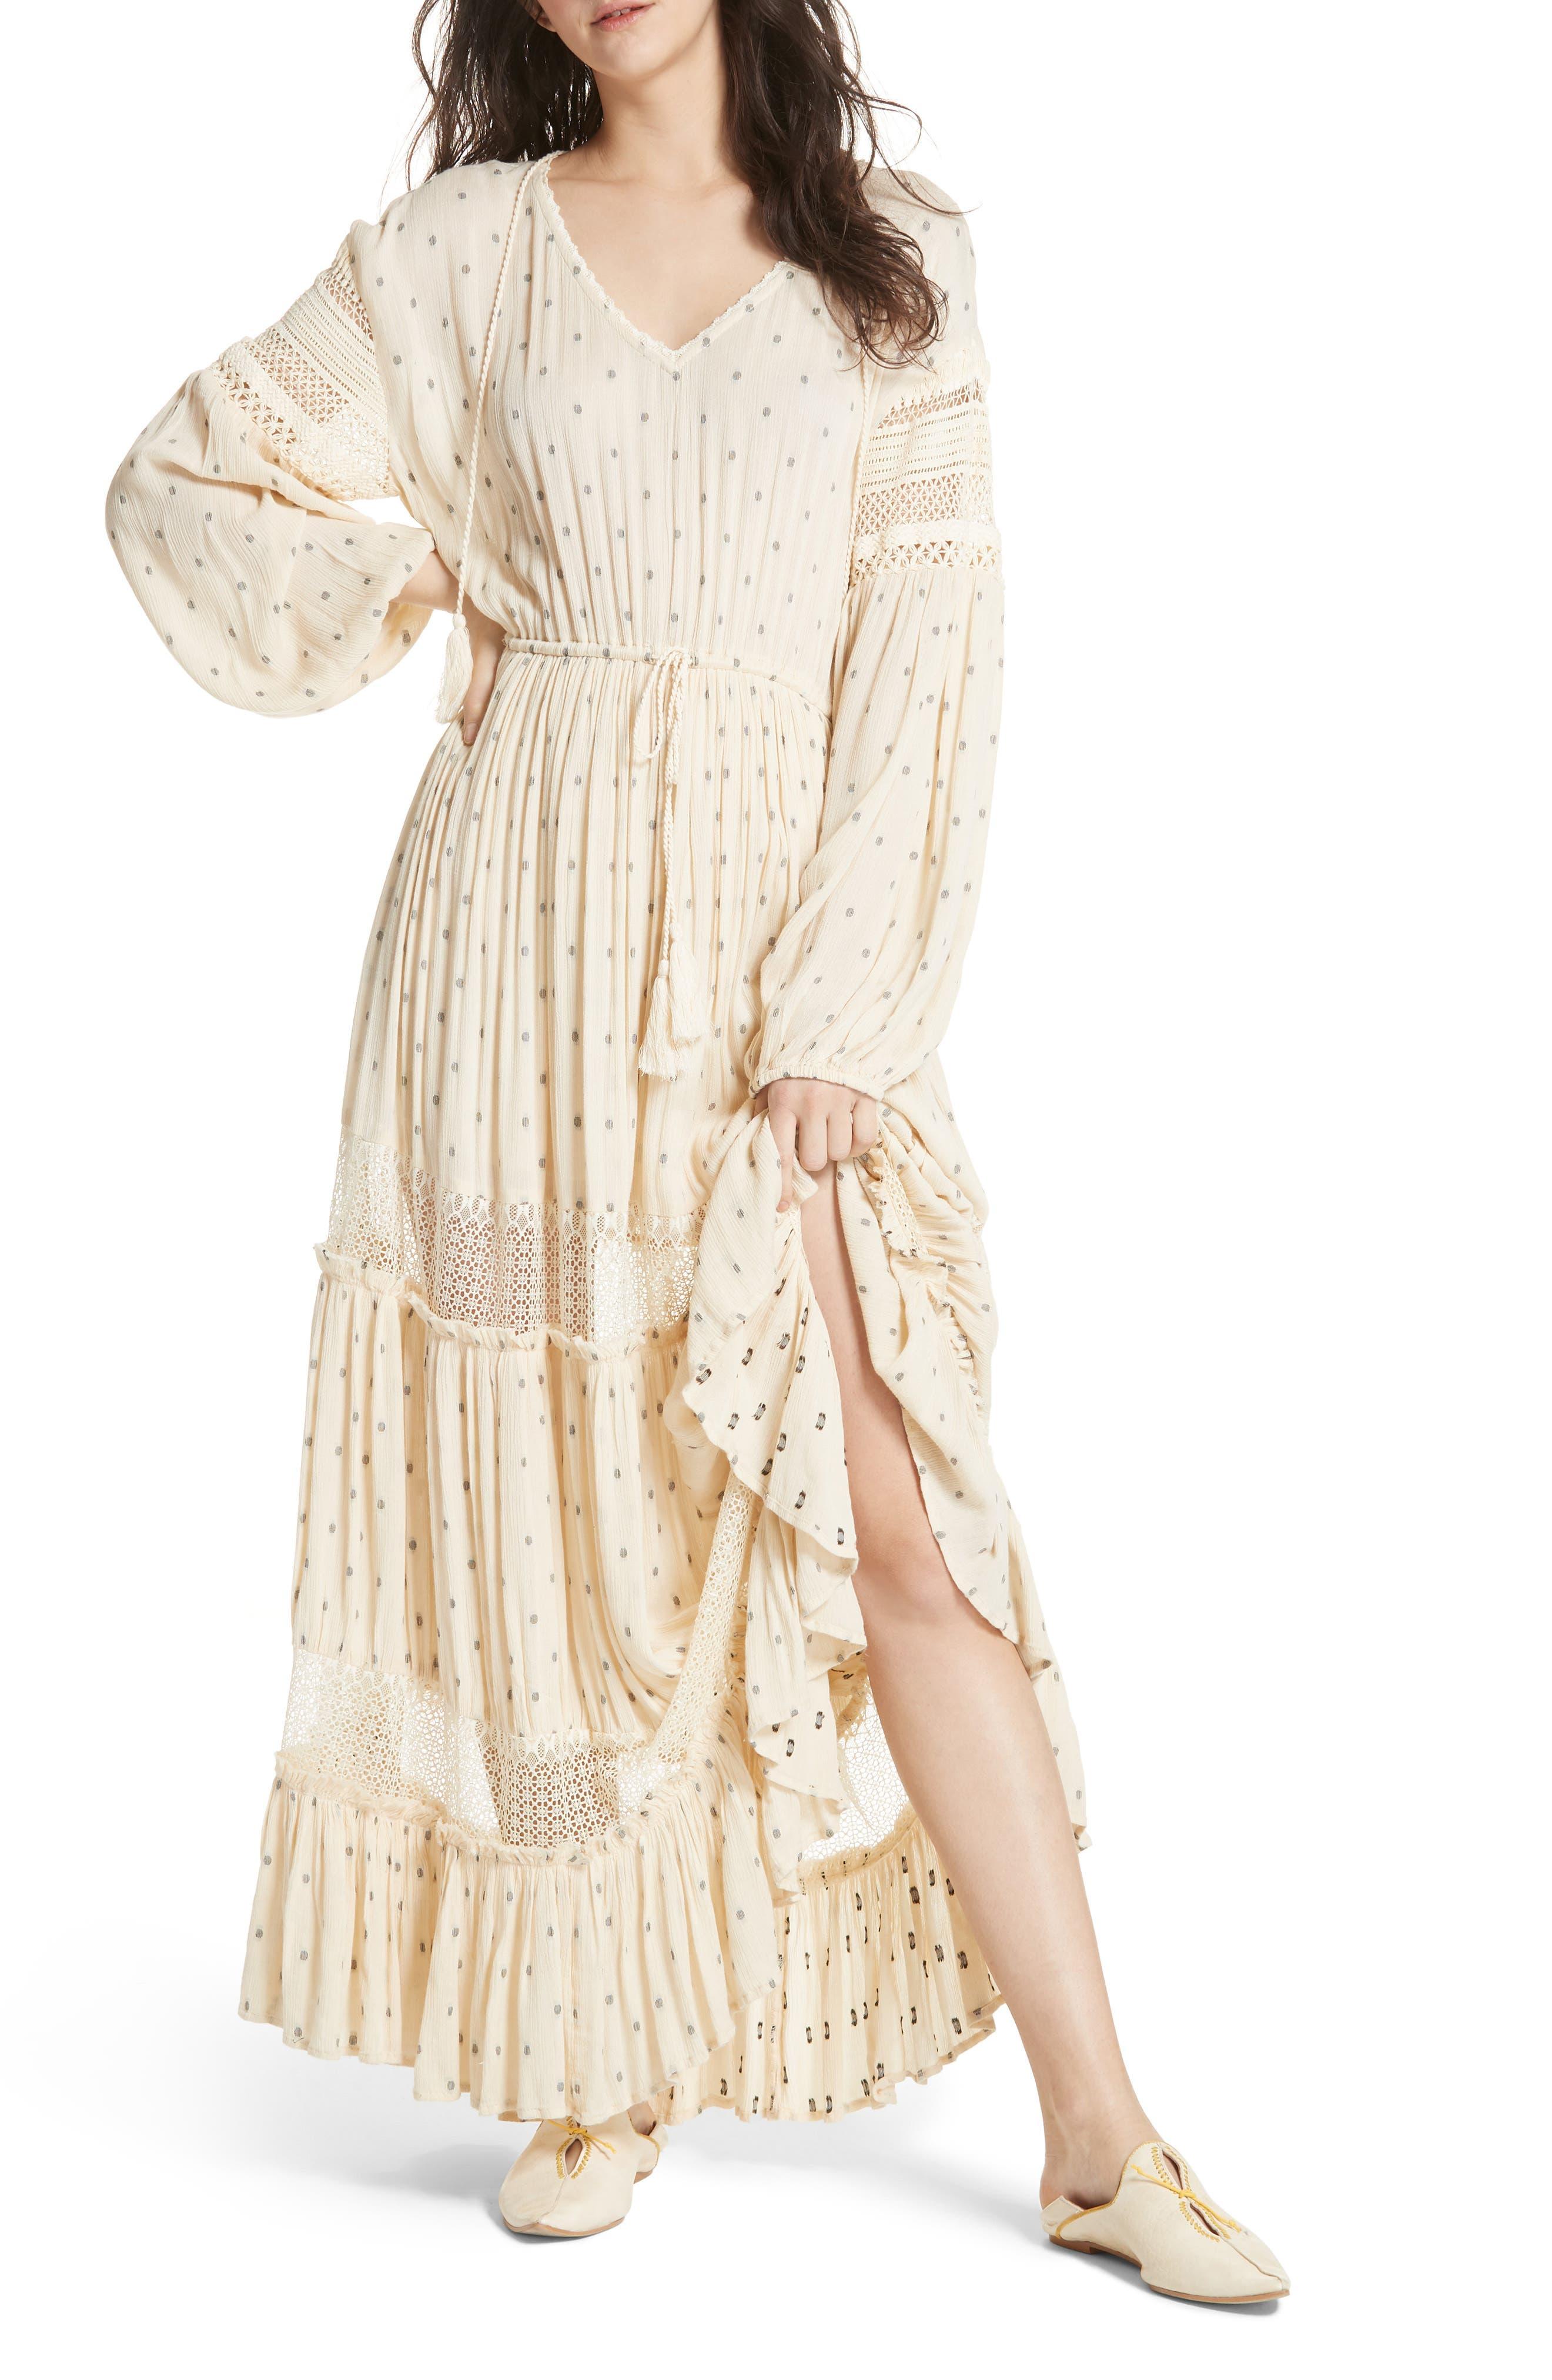 Sada Maxi Dress,                         Main,                         color, 903